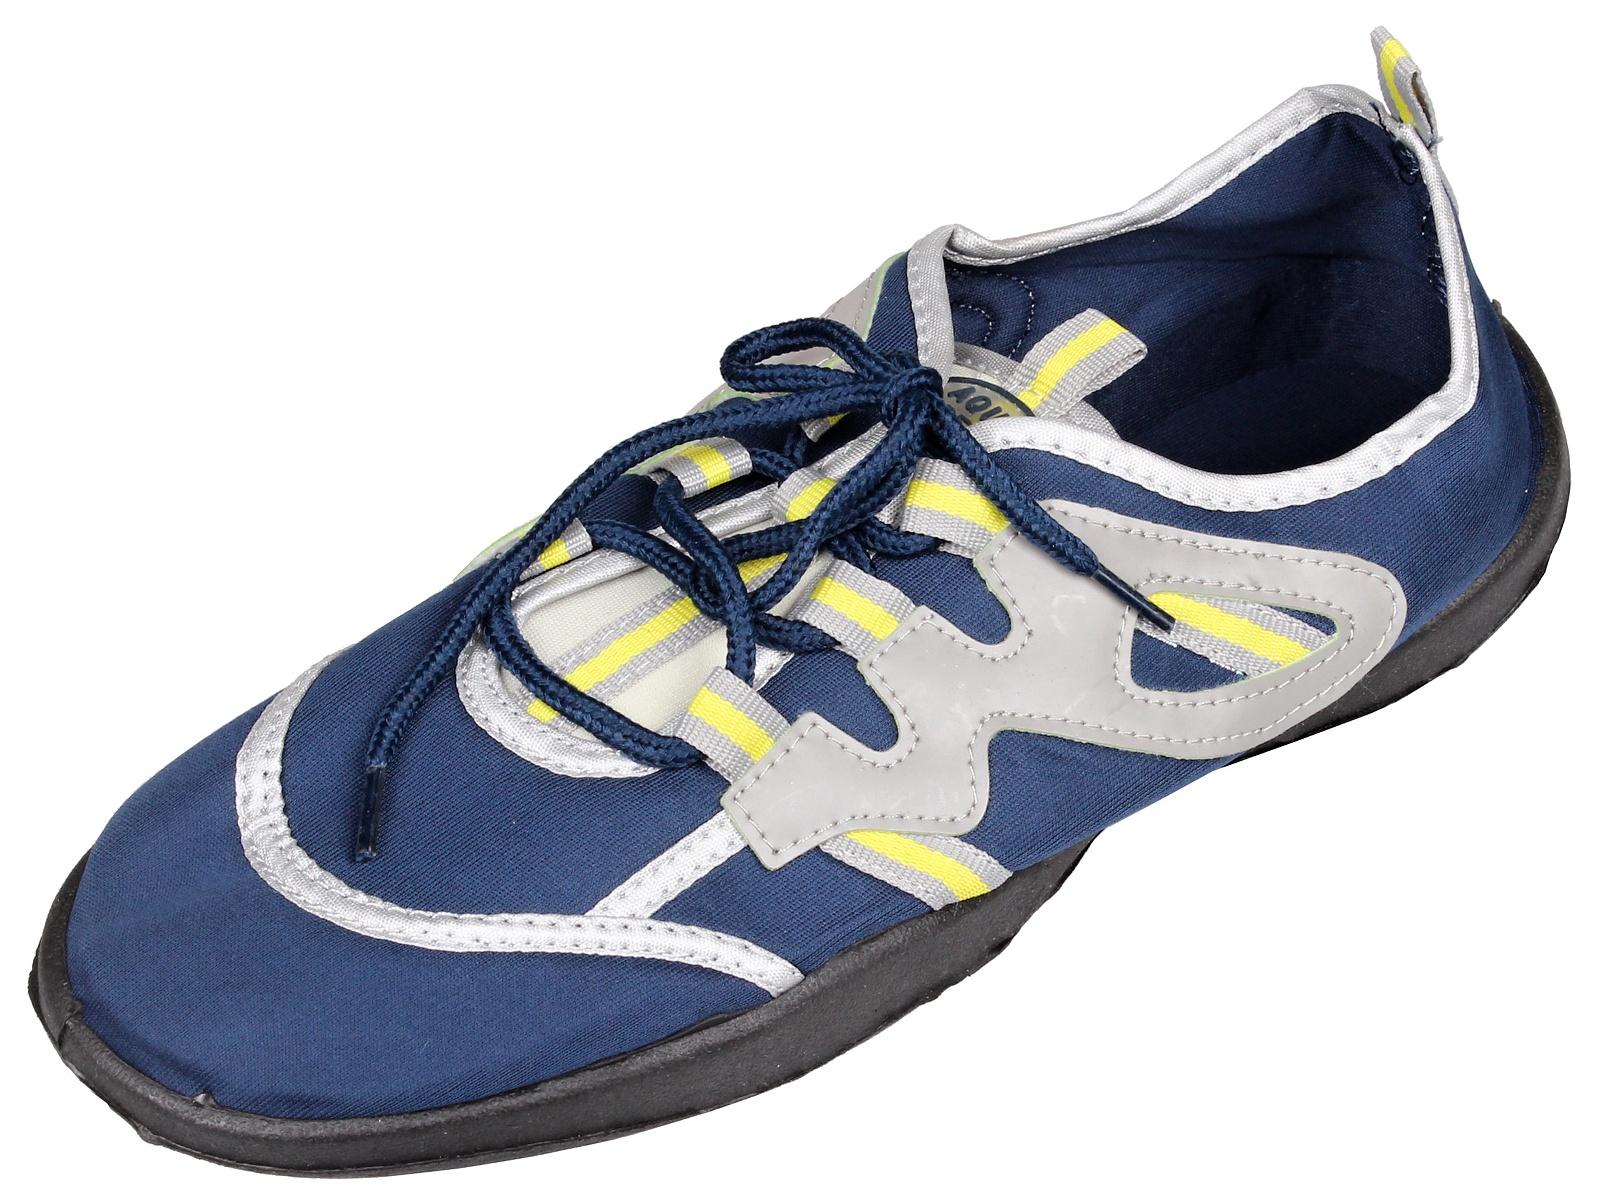 Topánky do vody AQUA-SPEED 19B - veľ. 44